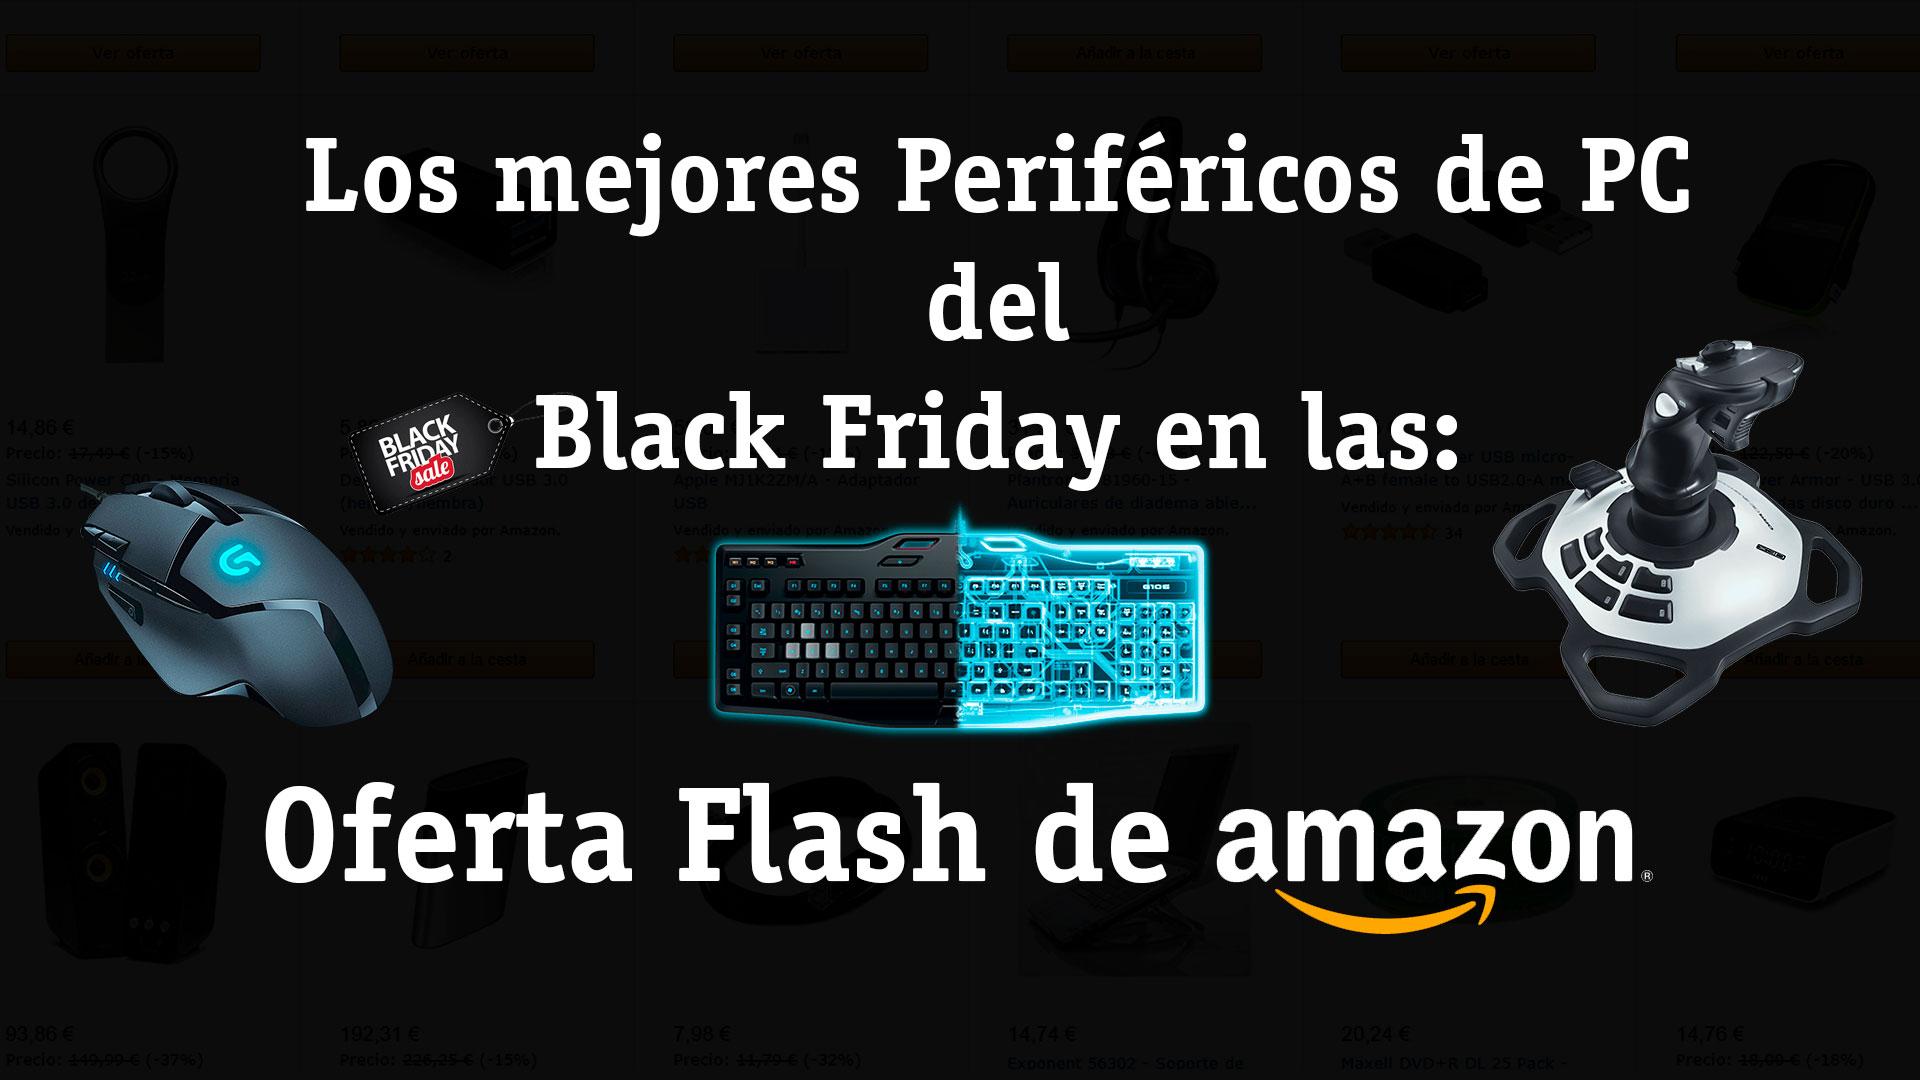 Periféricos para PC en oferta flash de Amazon